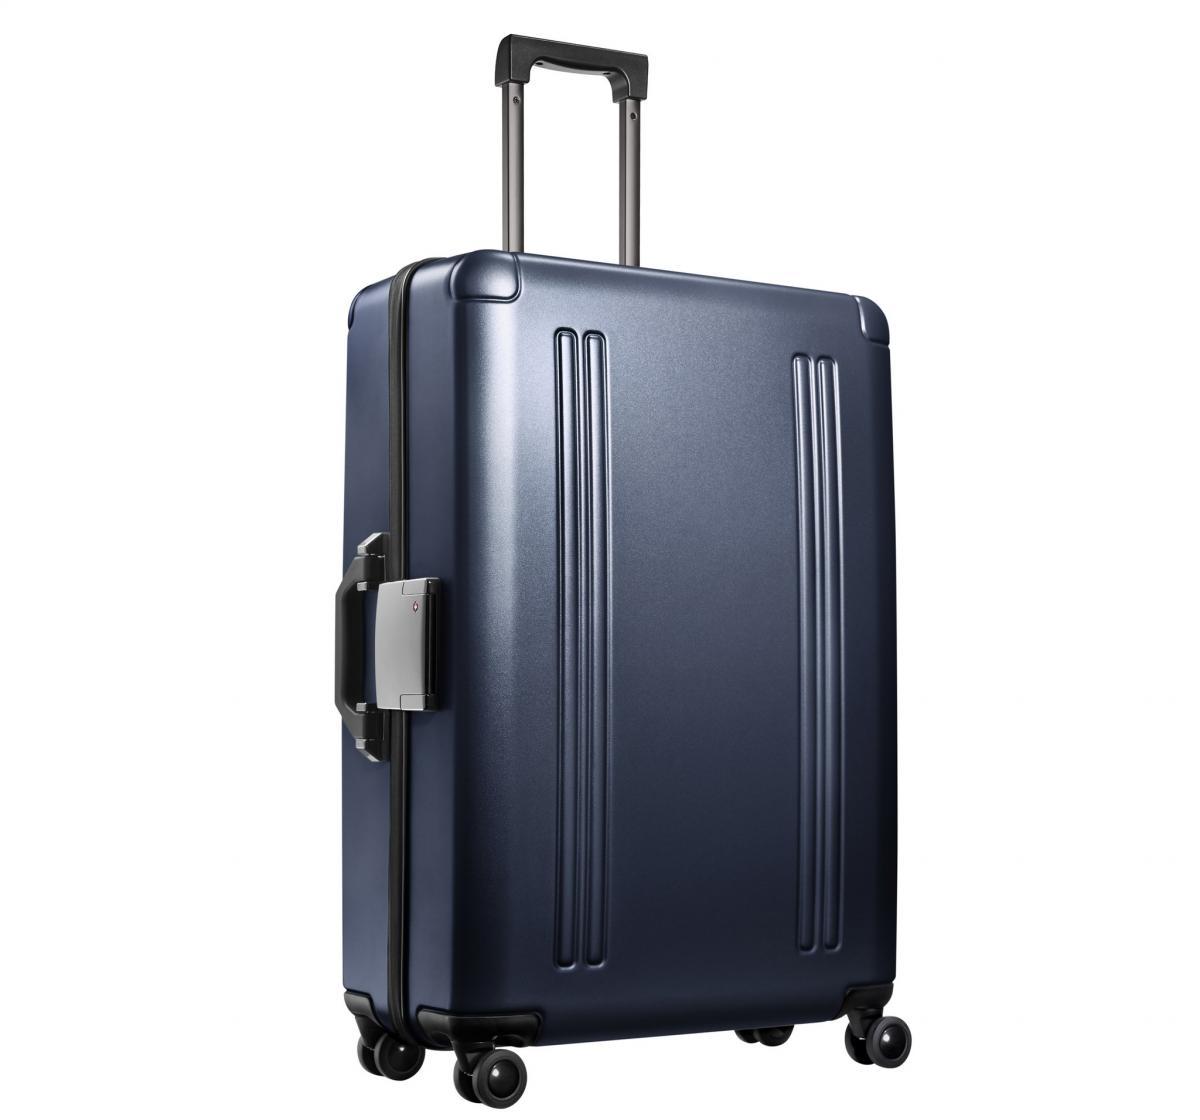 zero_halliburton_zro_polycarbonate_lightweight_luggage_ZRO28-GM_2048x.jpg